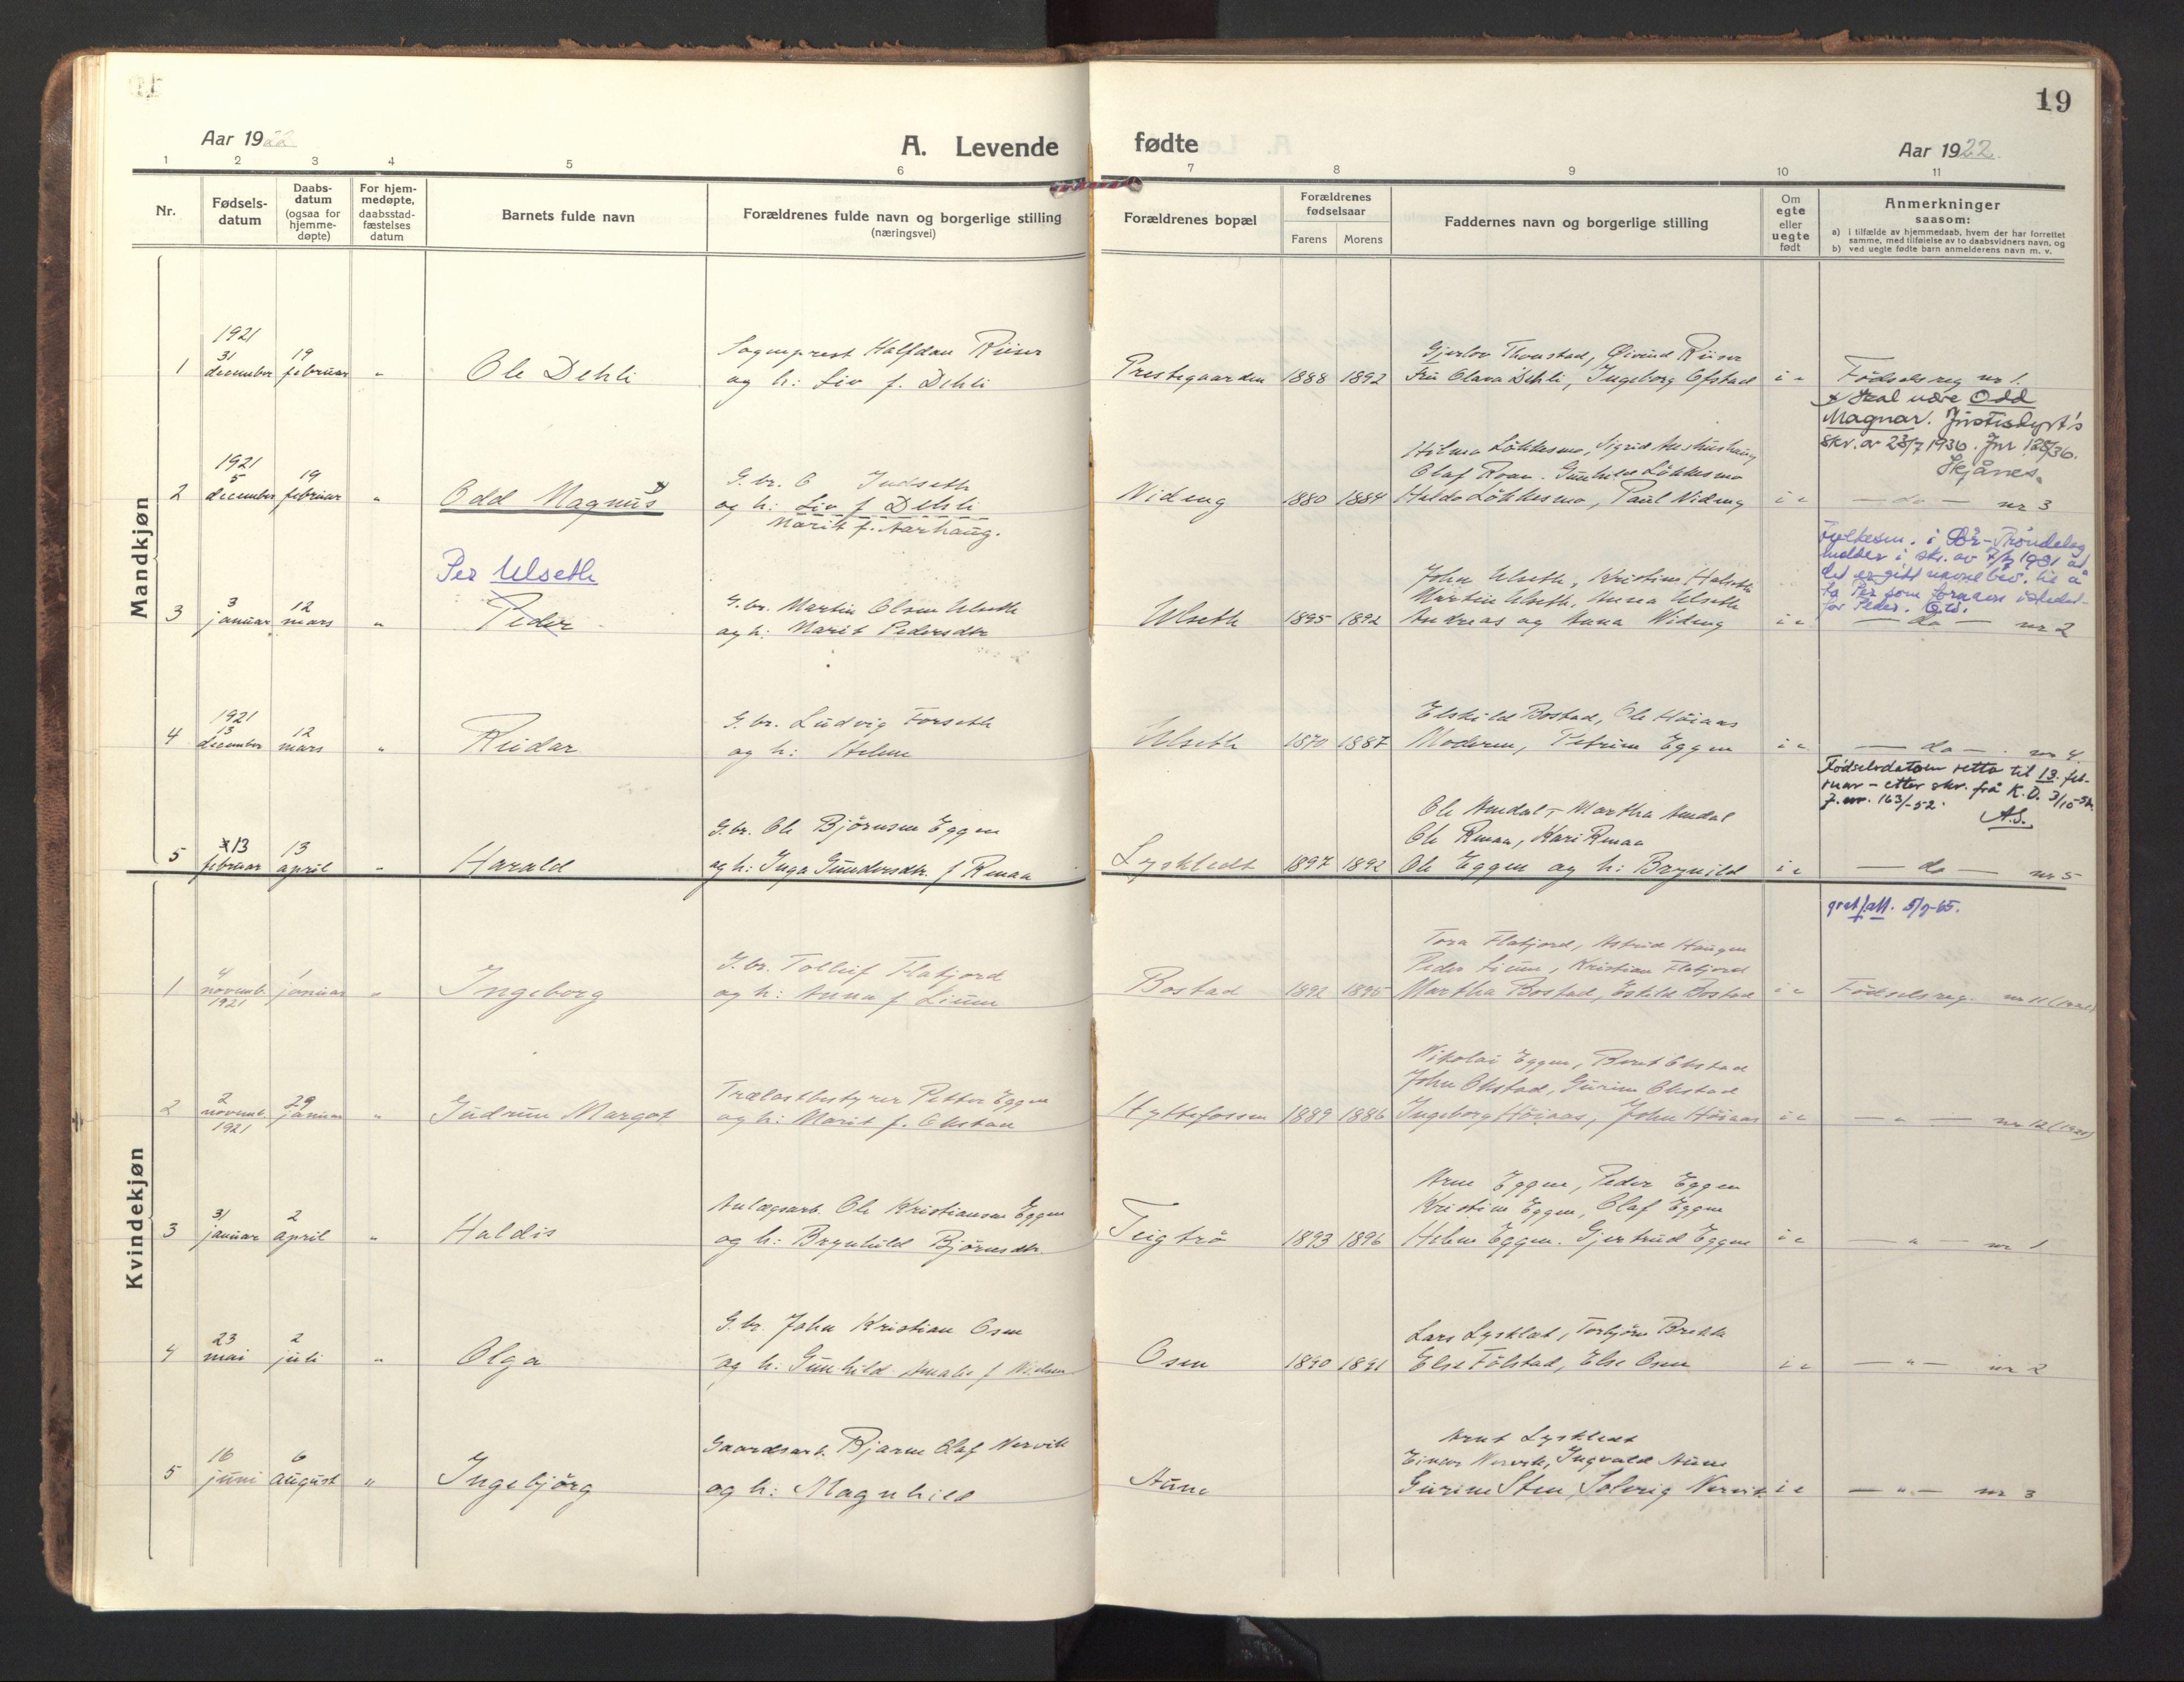 SAT, Ministerialprotokoller, klokkerbøker og fødselsregistre - Sør-Trøndelag, 618/L0449: Ministerialbok nr. 618A12, 1917-1924, s. 19